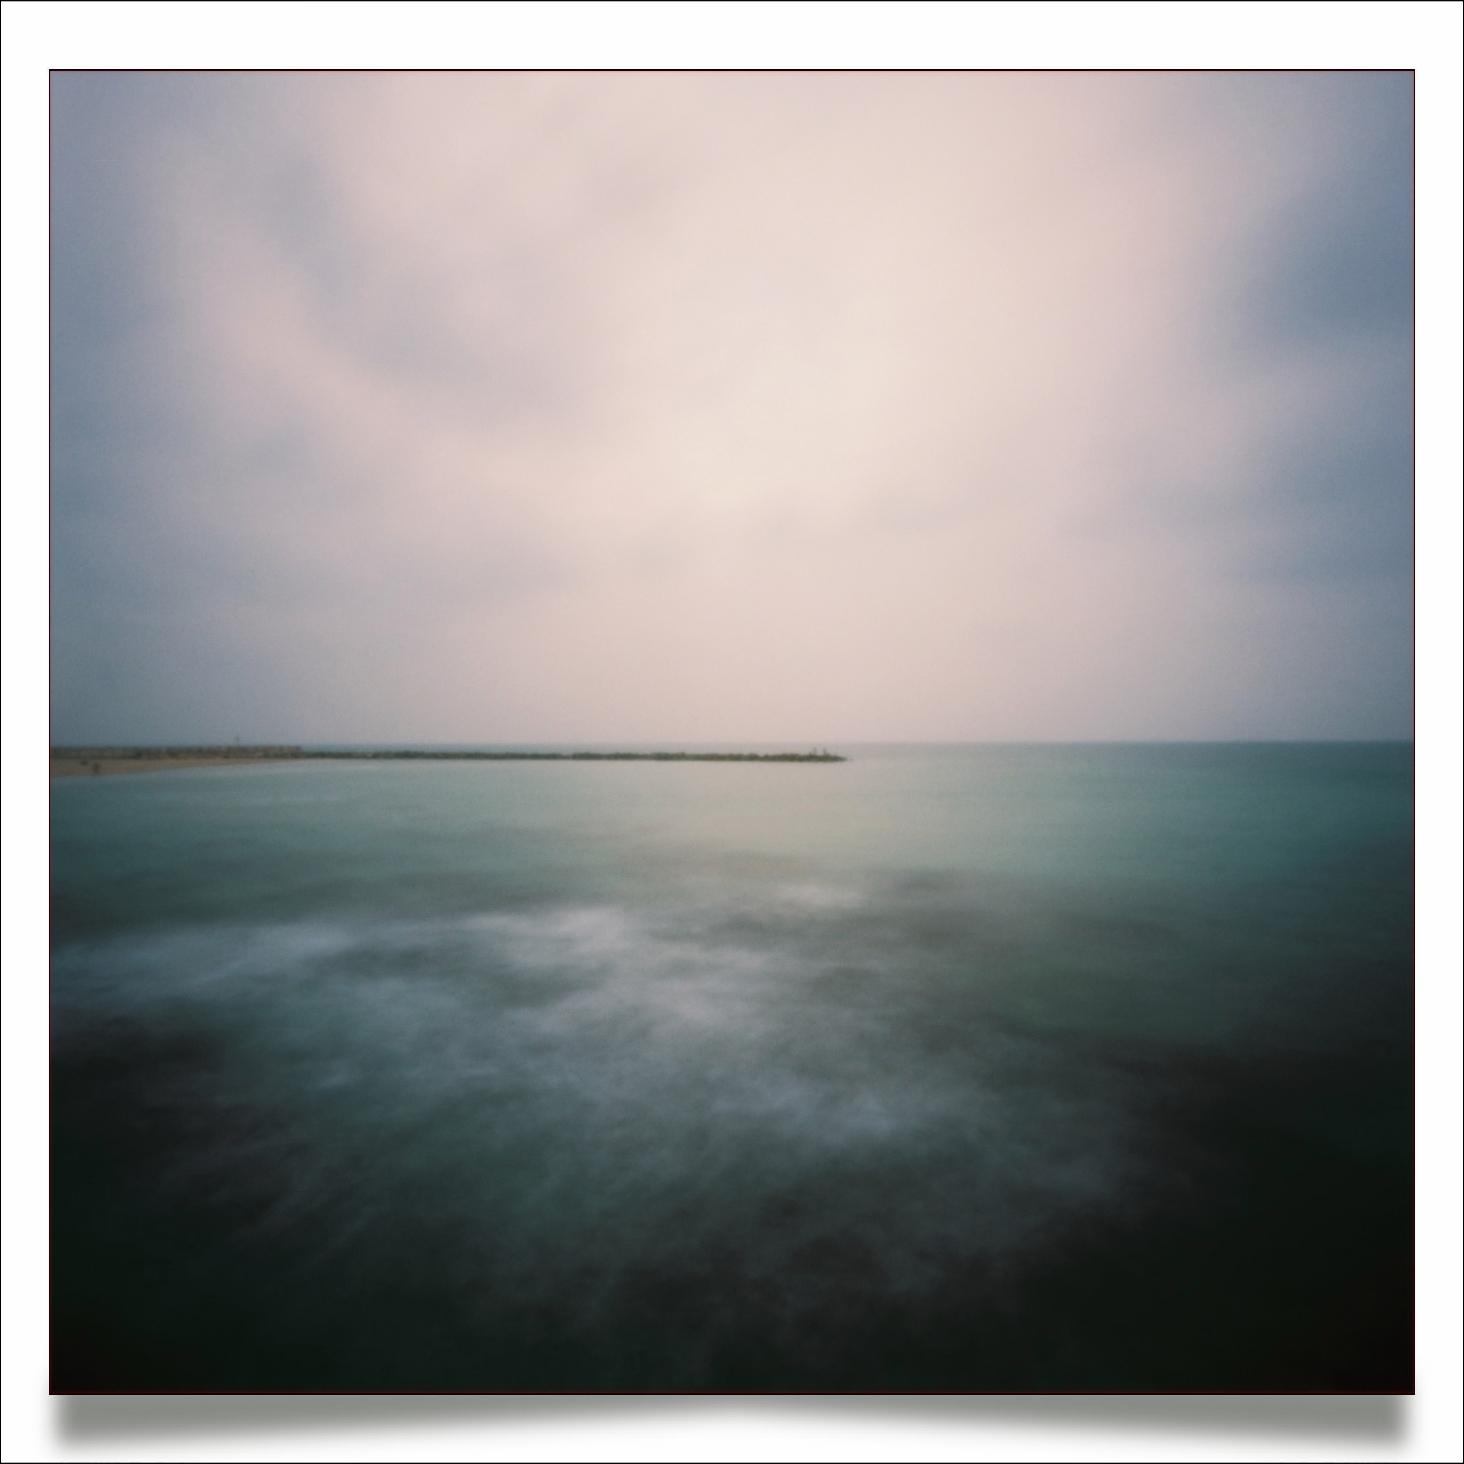 Untitled | Zero Image 2000 pinhole camera | Daphne Schnitzer